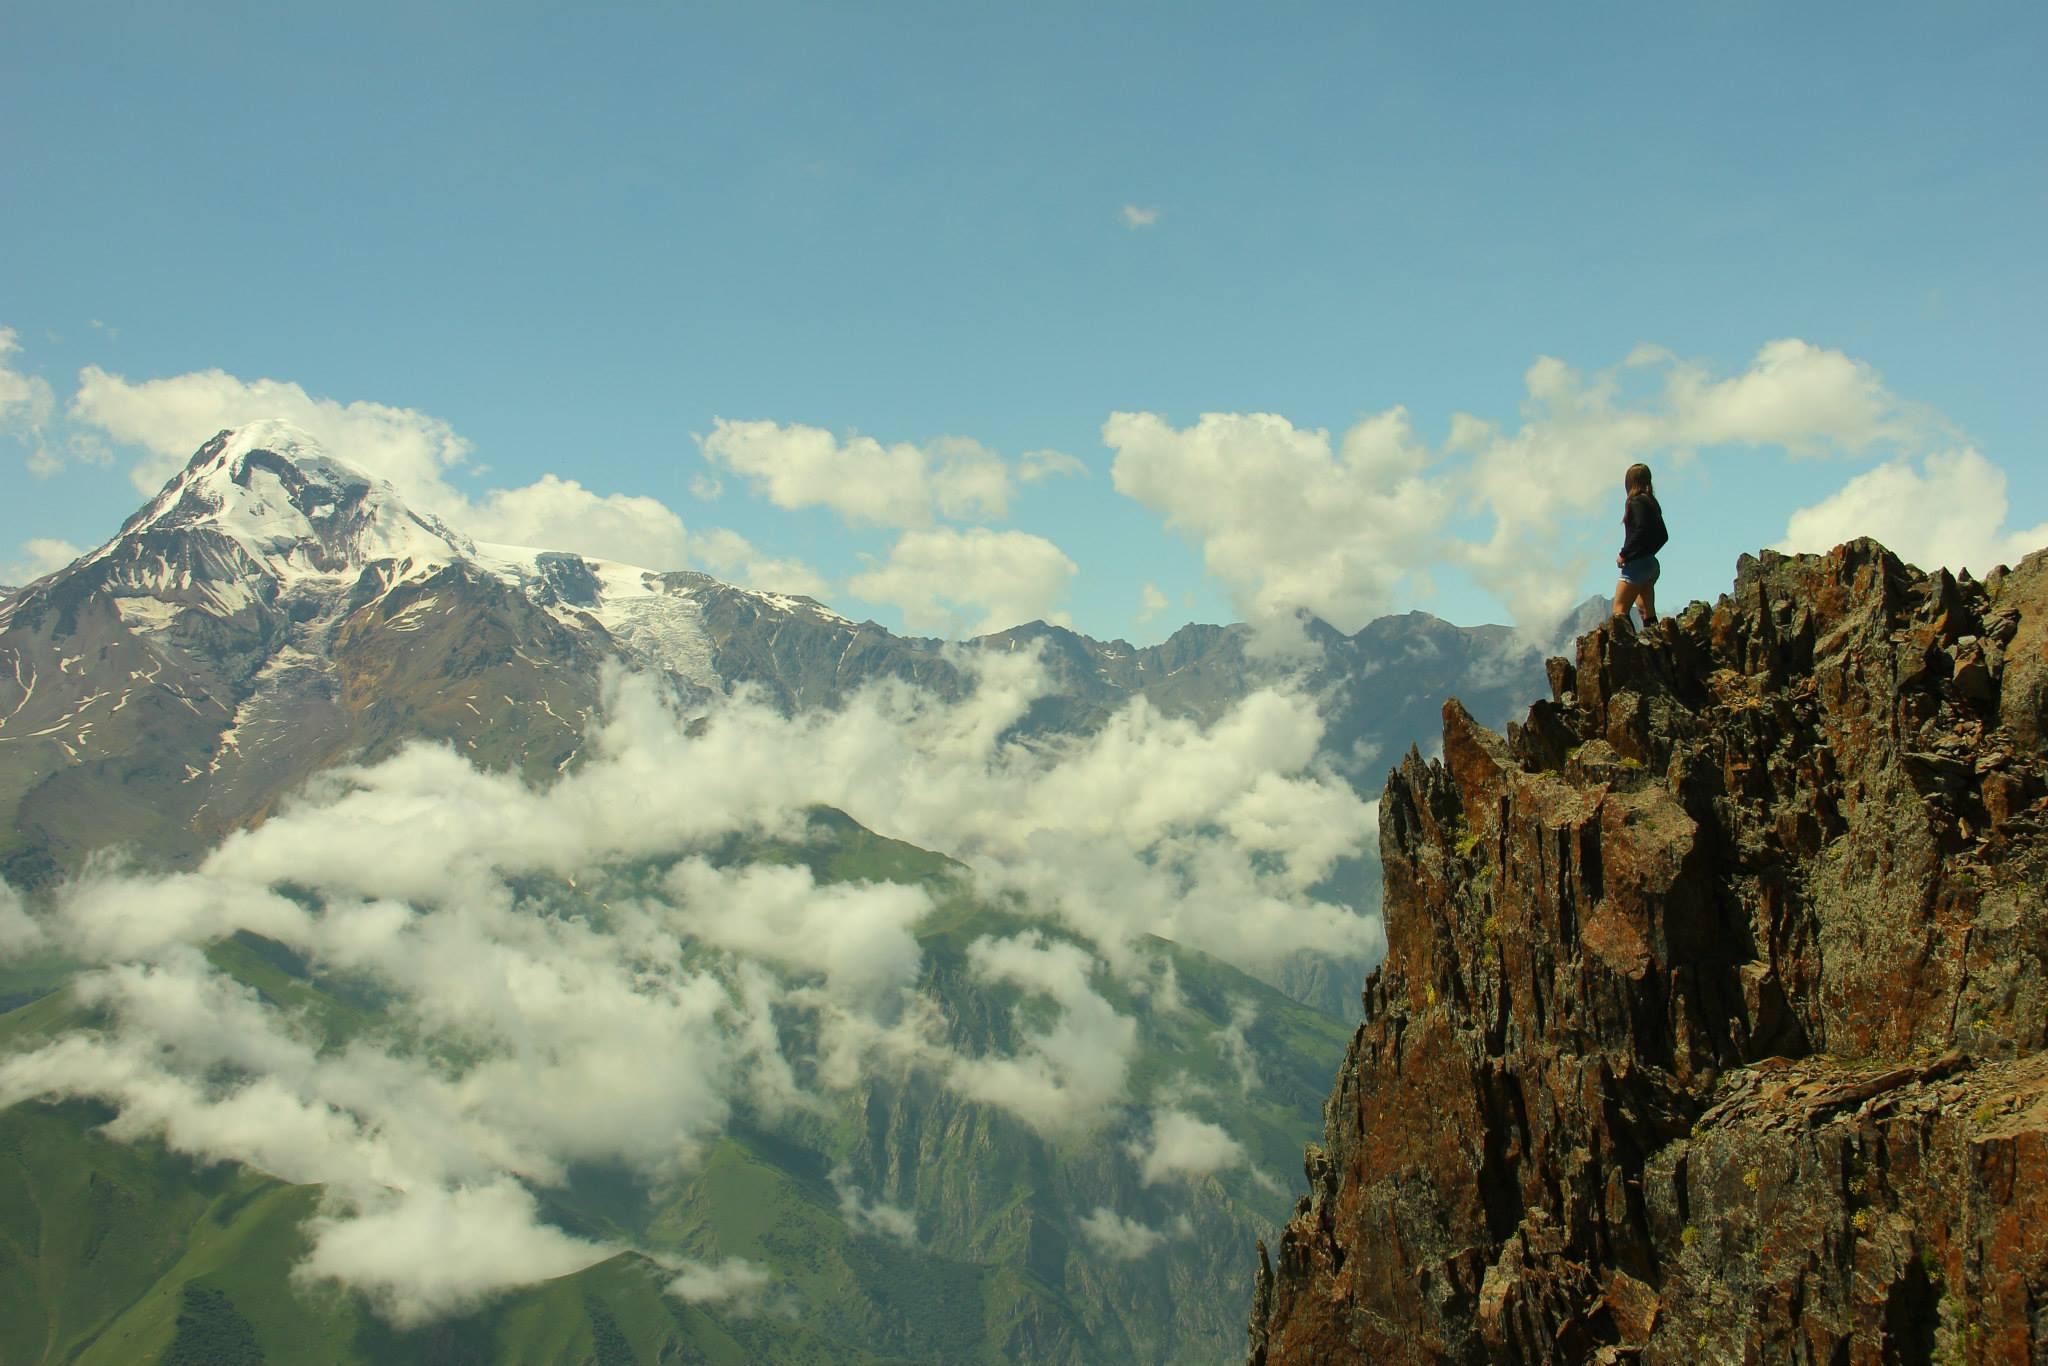 kuro ridge by Giorgi chubinidze